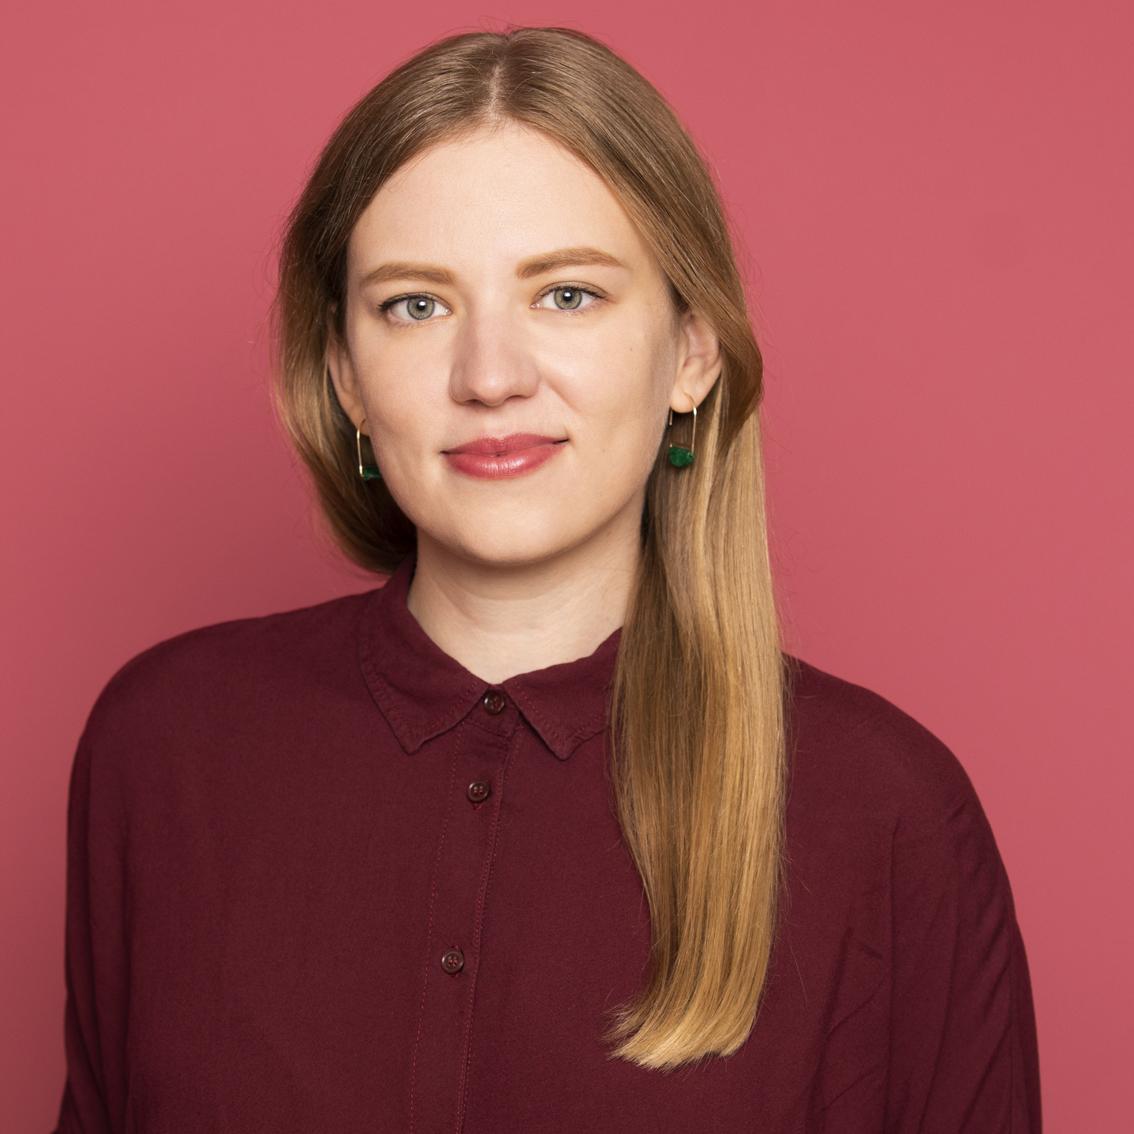 Viktoria Johanna Aichmayr